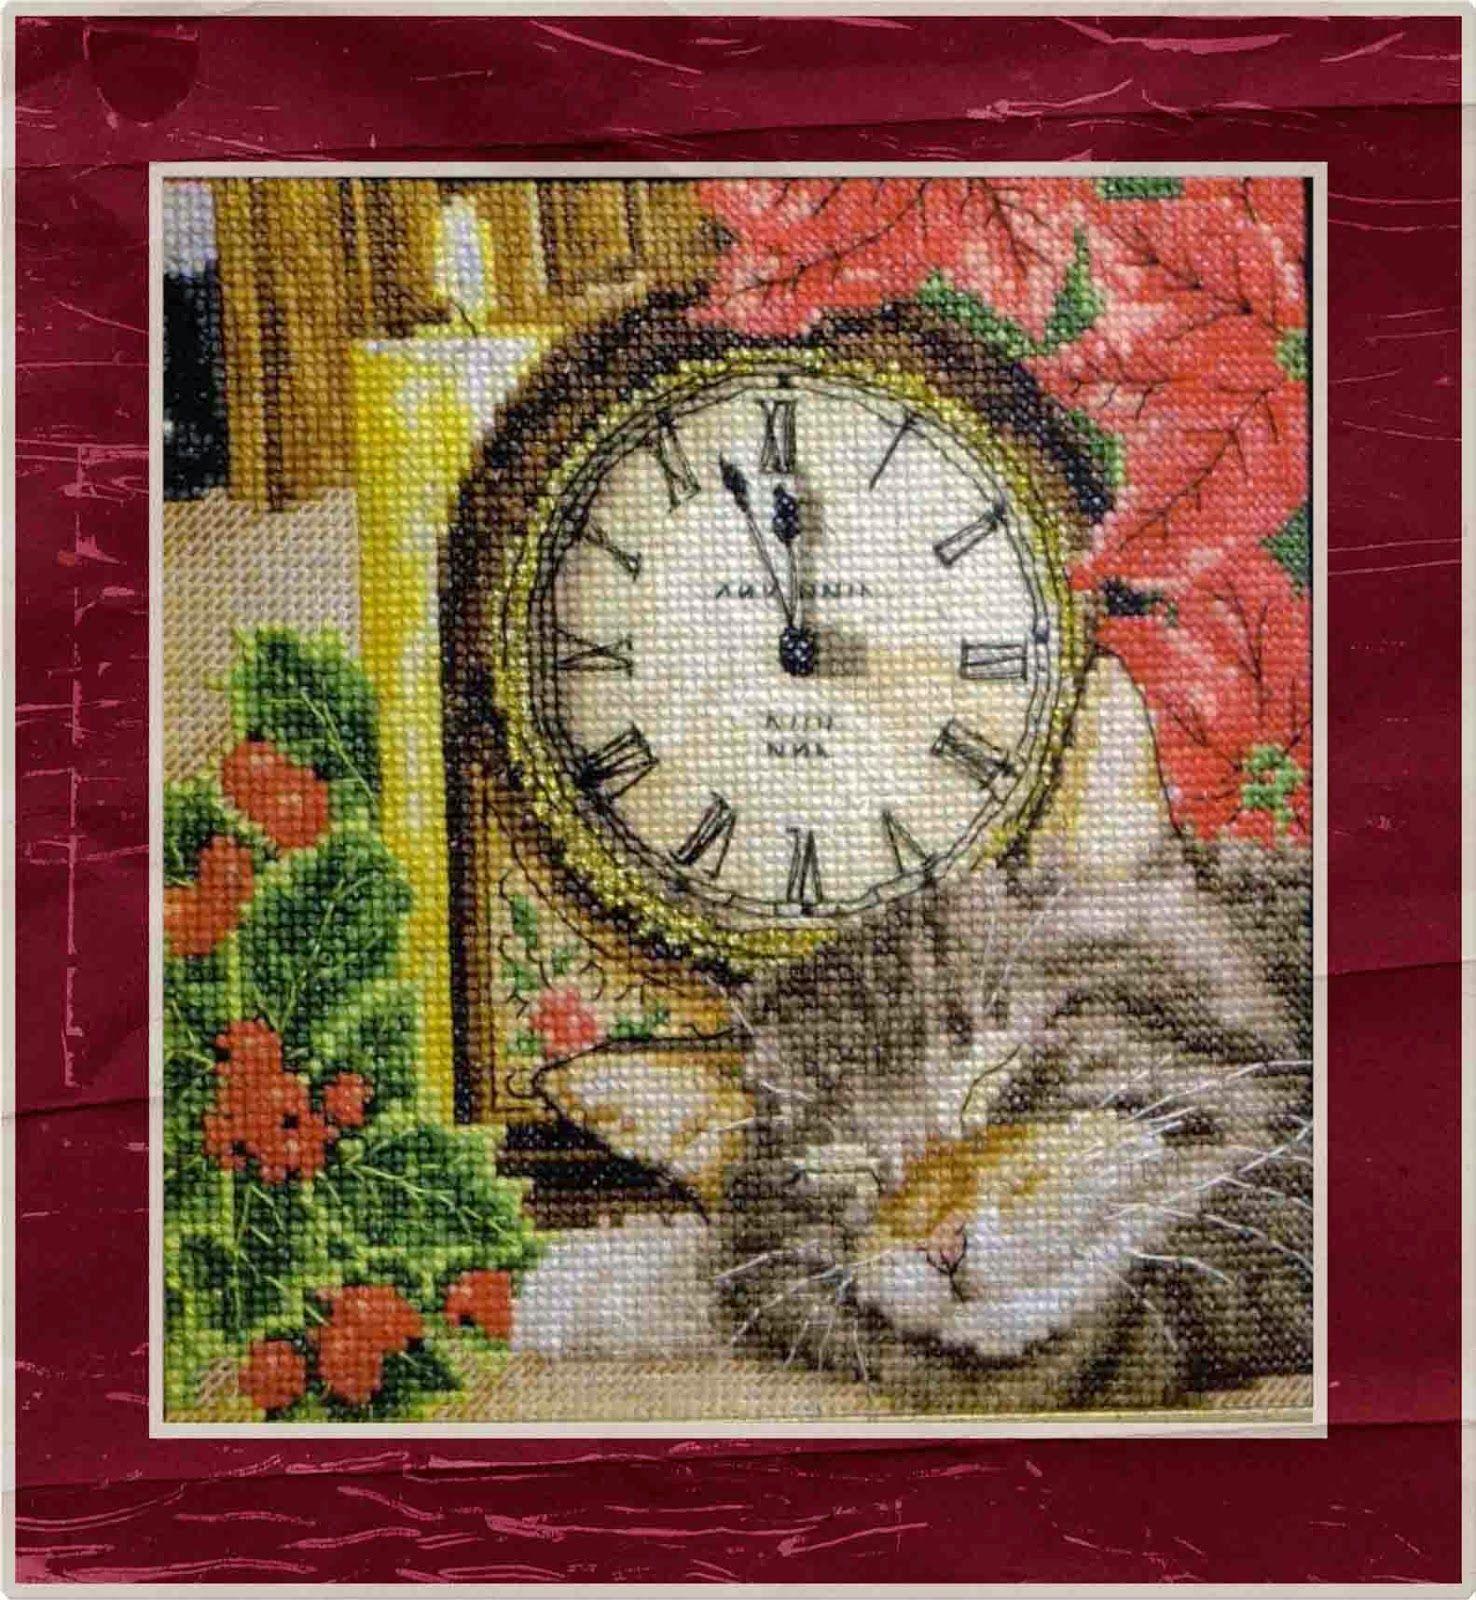 Вышиваем. Шьём. Творим: Спящий кот. За 3 минуты до Нового года